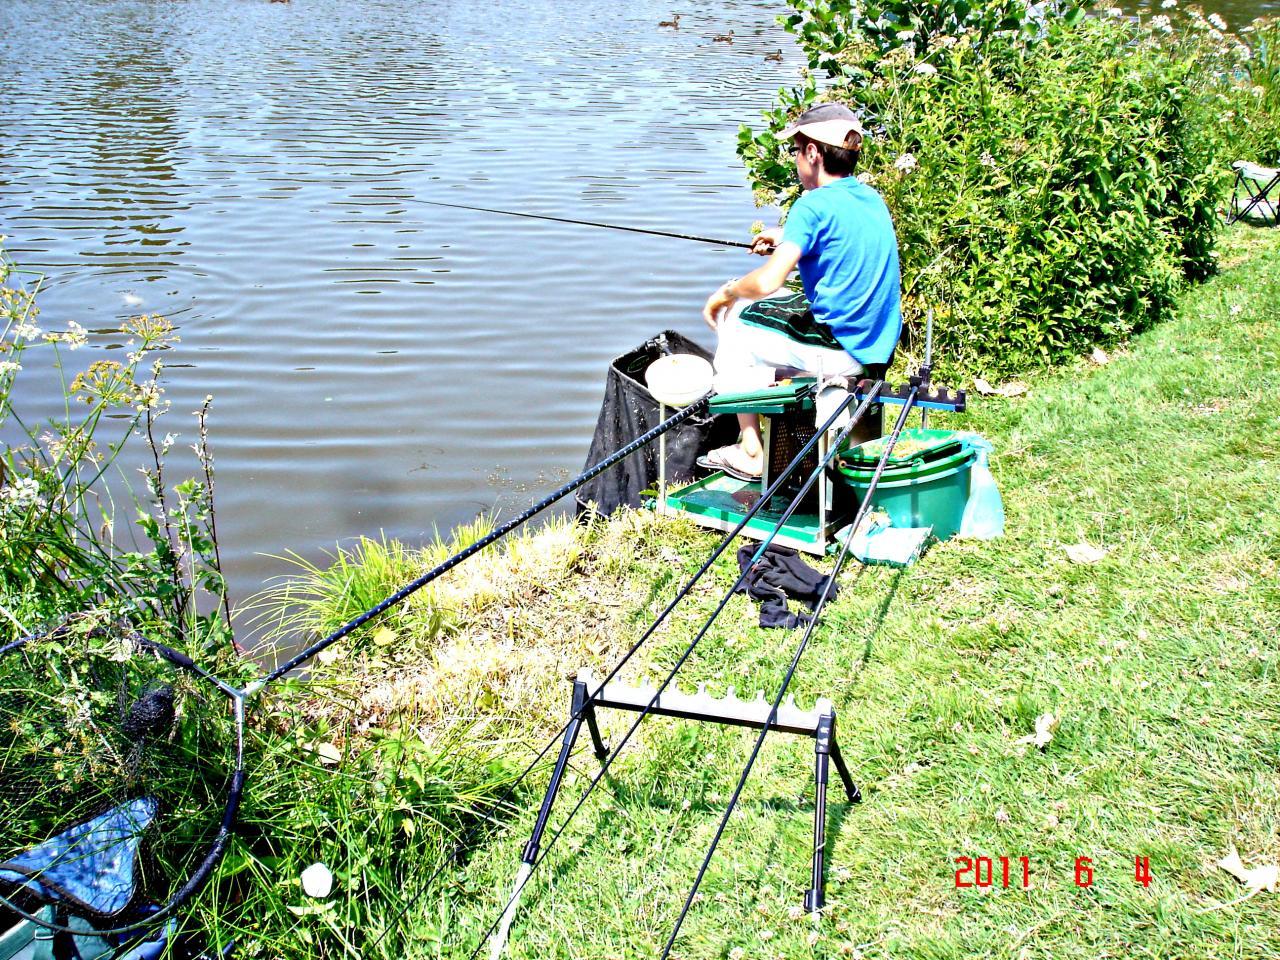 Un Jeune de L'Ecole de Pêche en Section Compétition